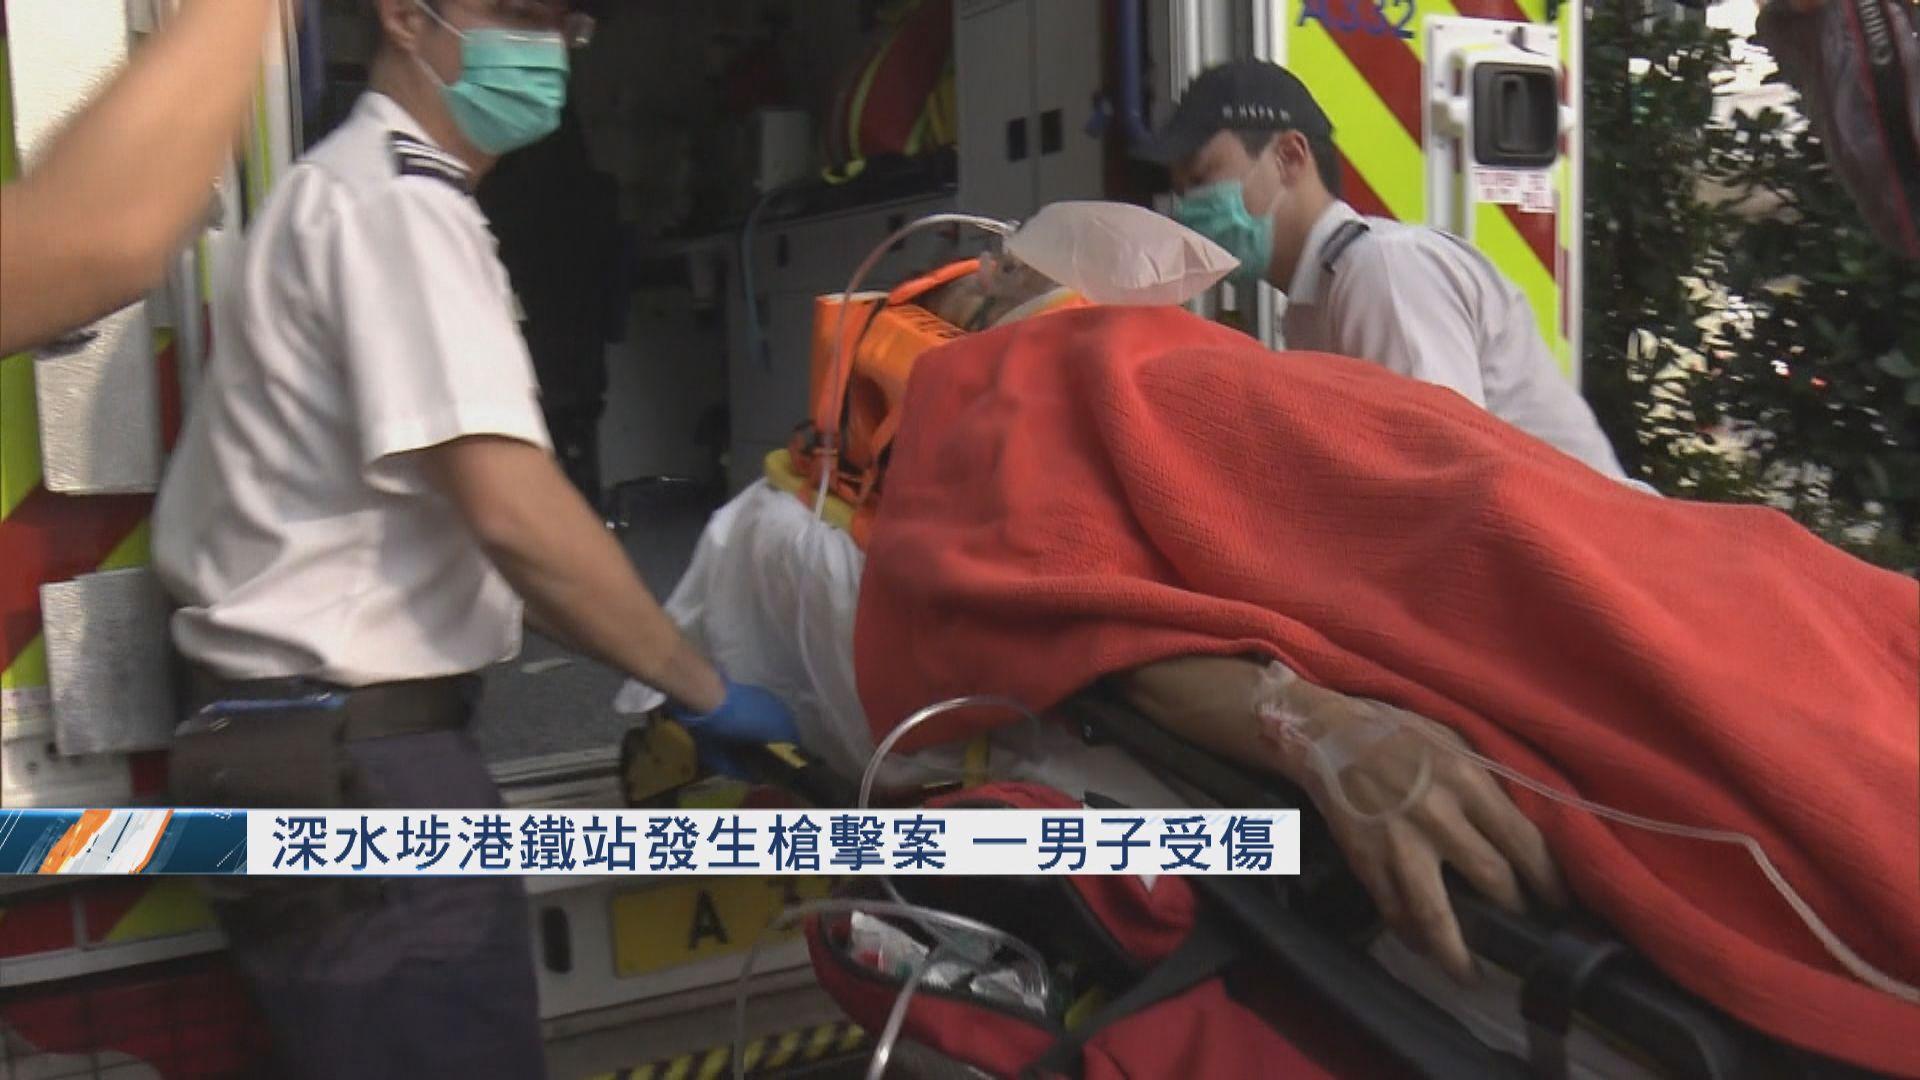 深水埗港鐵站發生槍擊案 一男子受傷